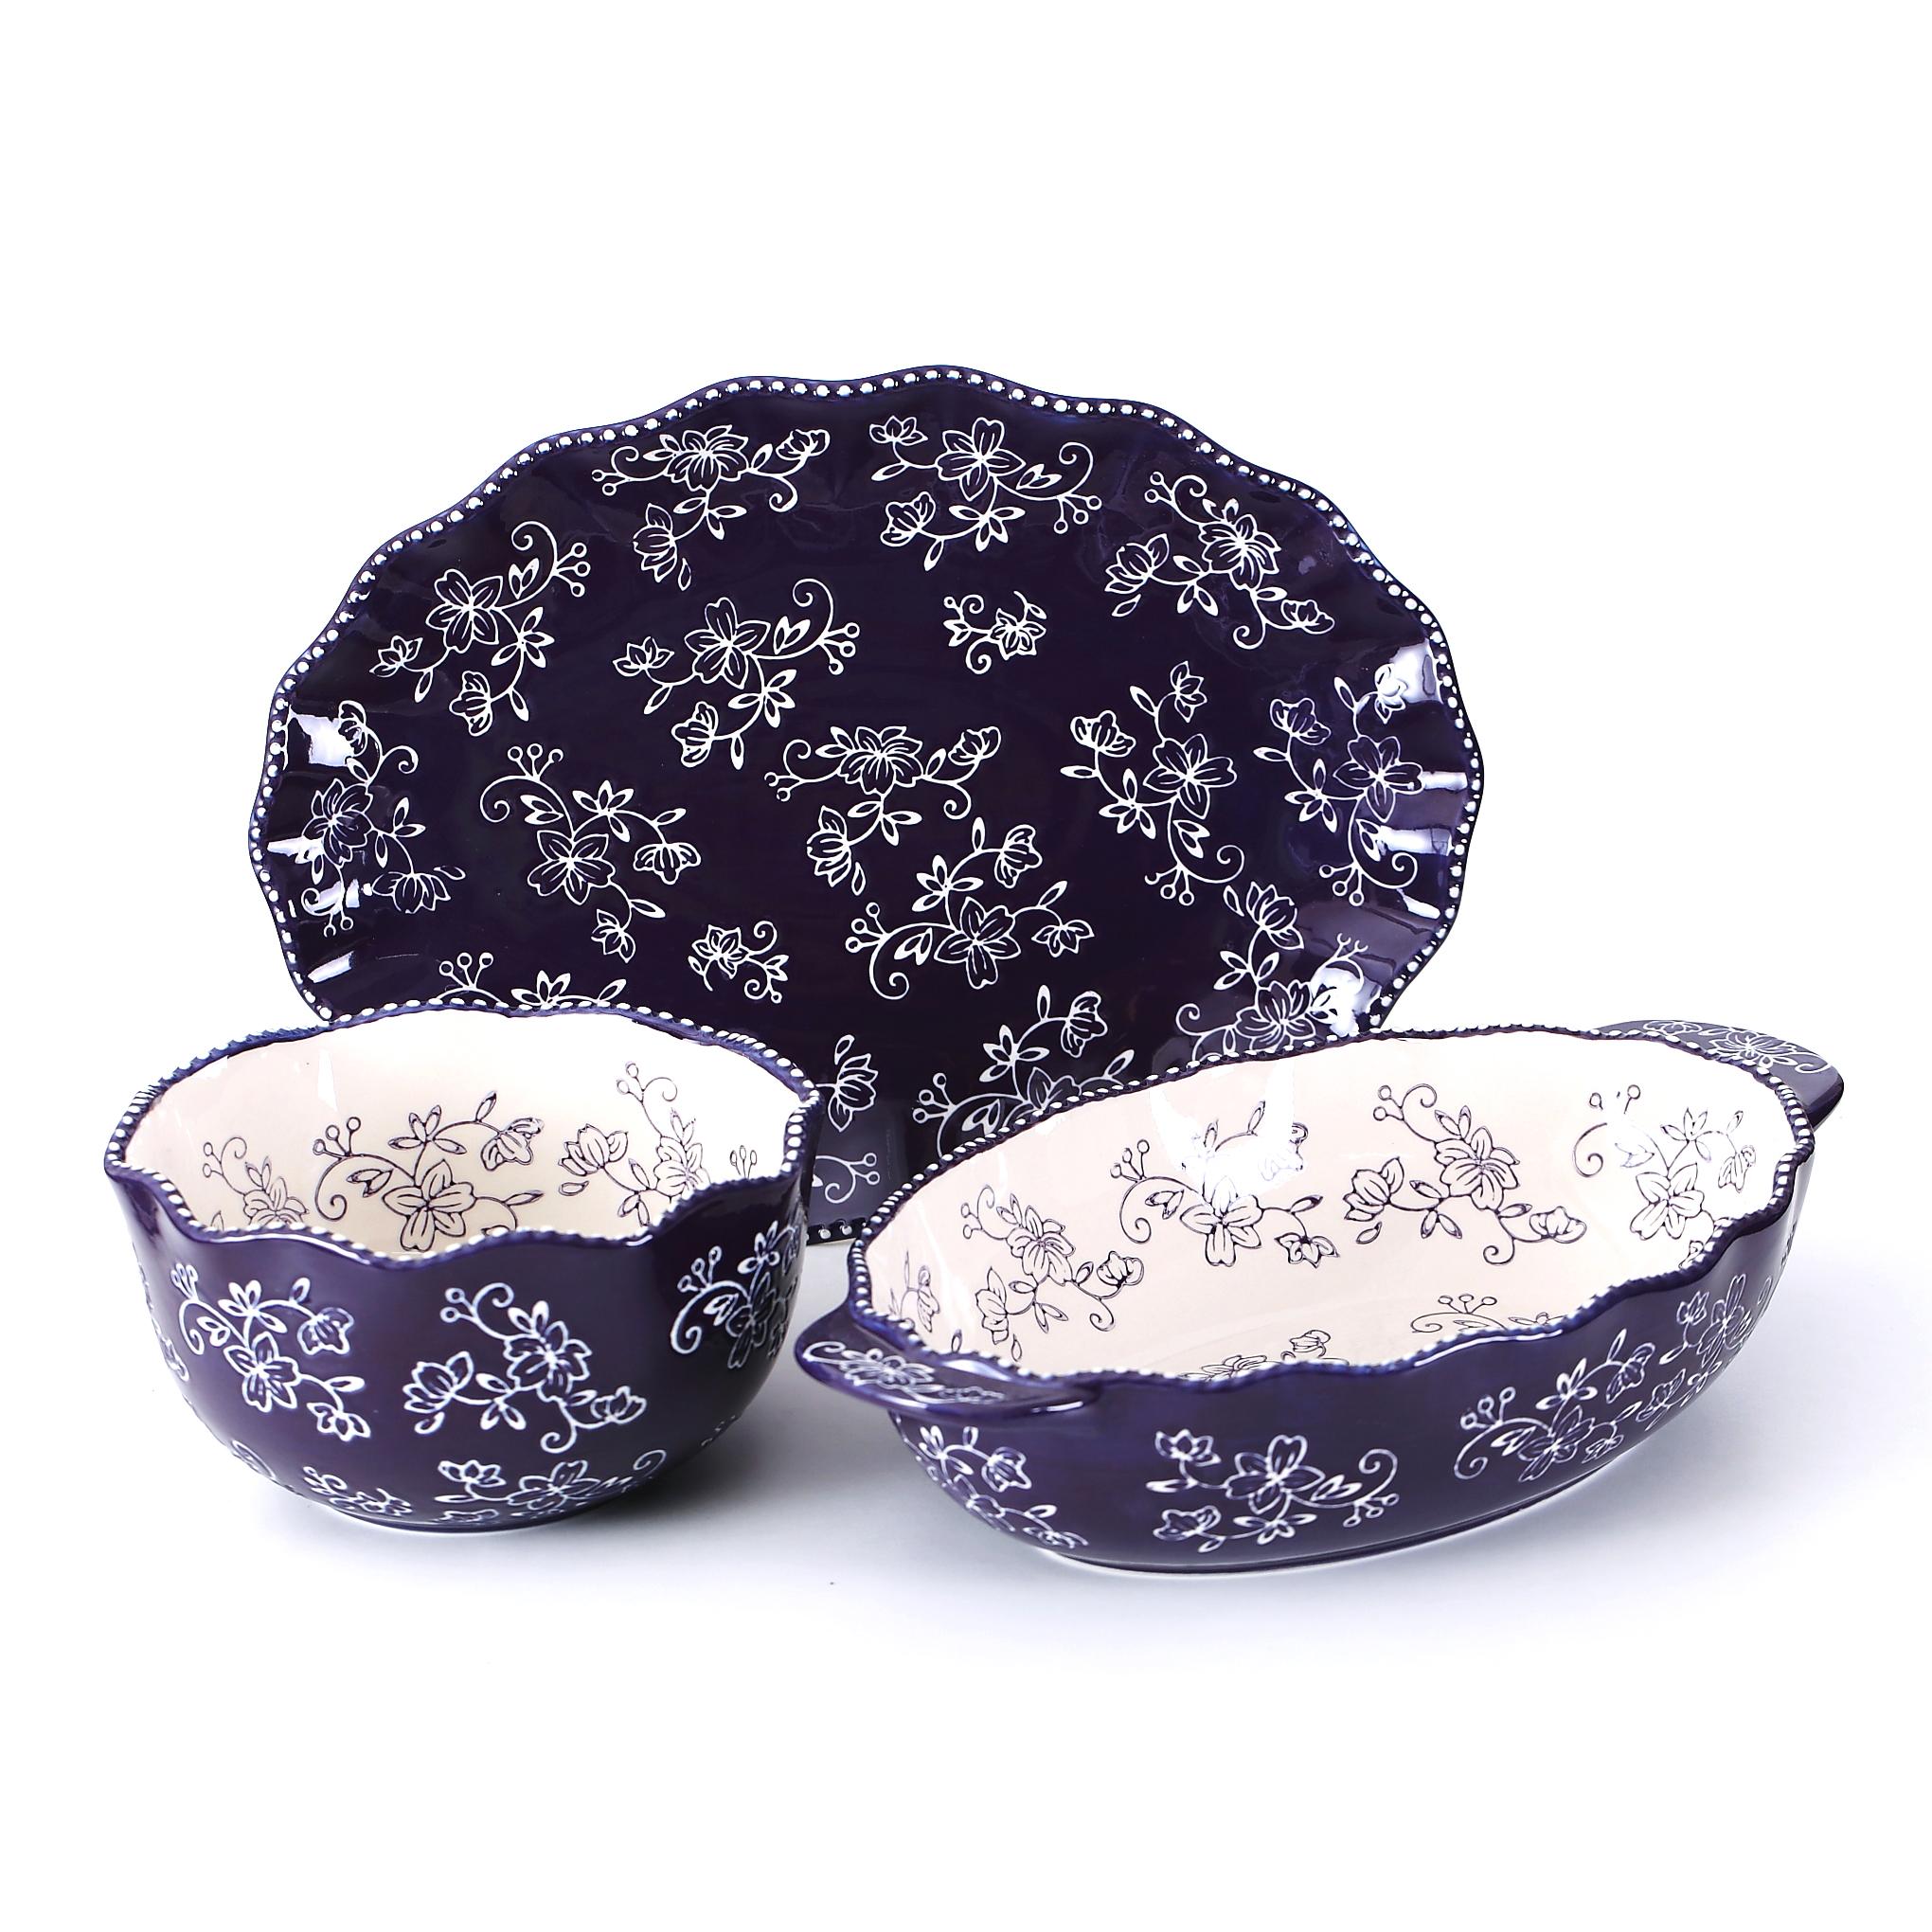 temp-tations® Floral Lace Side Series Set – 3 Piece – Egg Plant